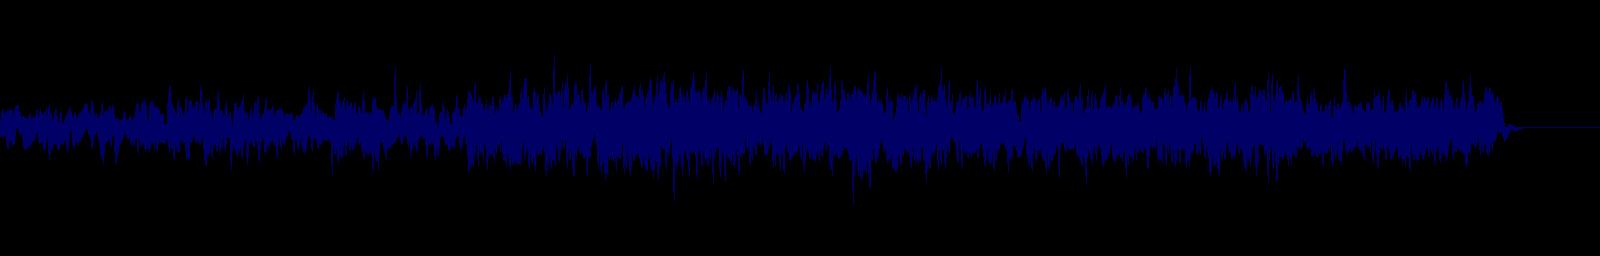 waveform of track #107460